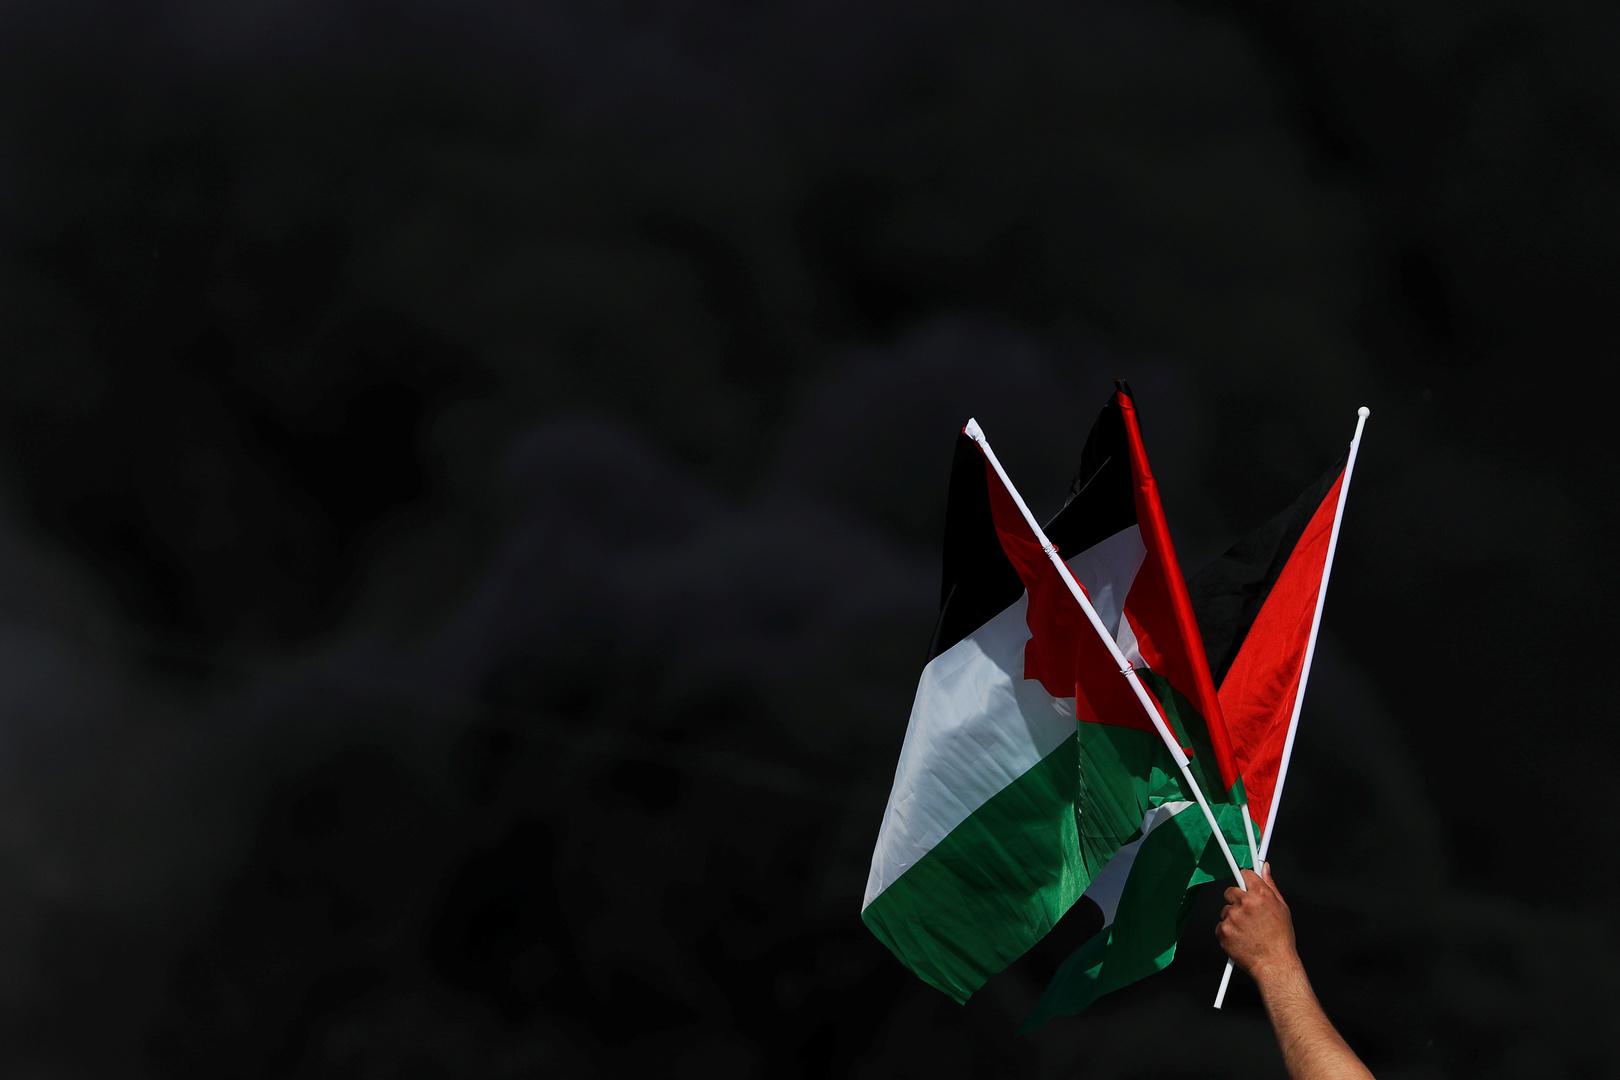 لبنان يعتذر عن استضافة اجتماع للأمناء العامين للفصائل الفلسطينية في بيروت